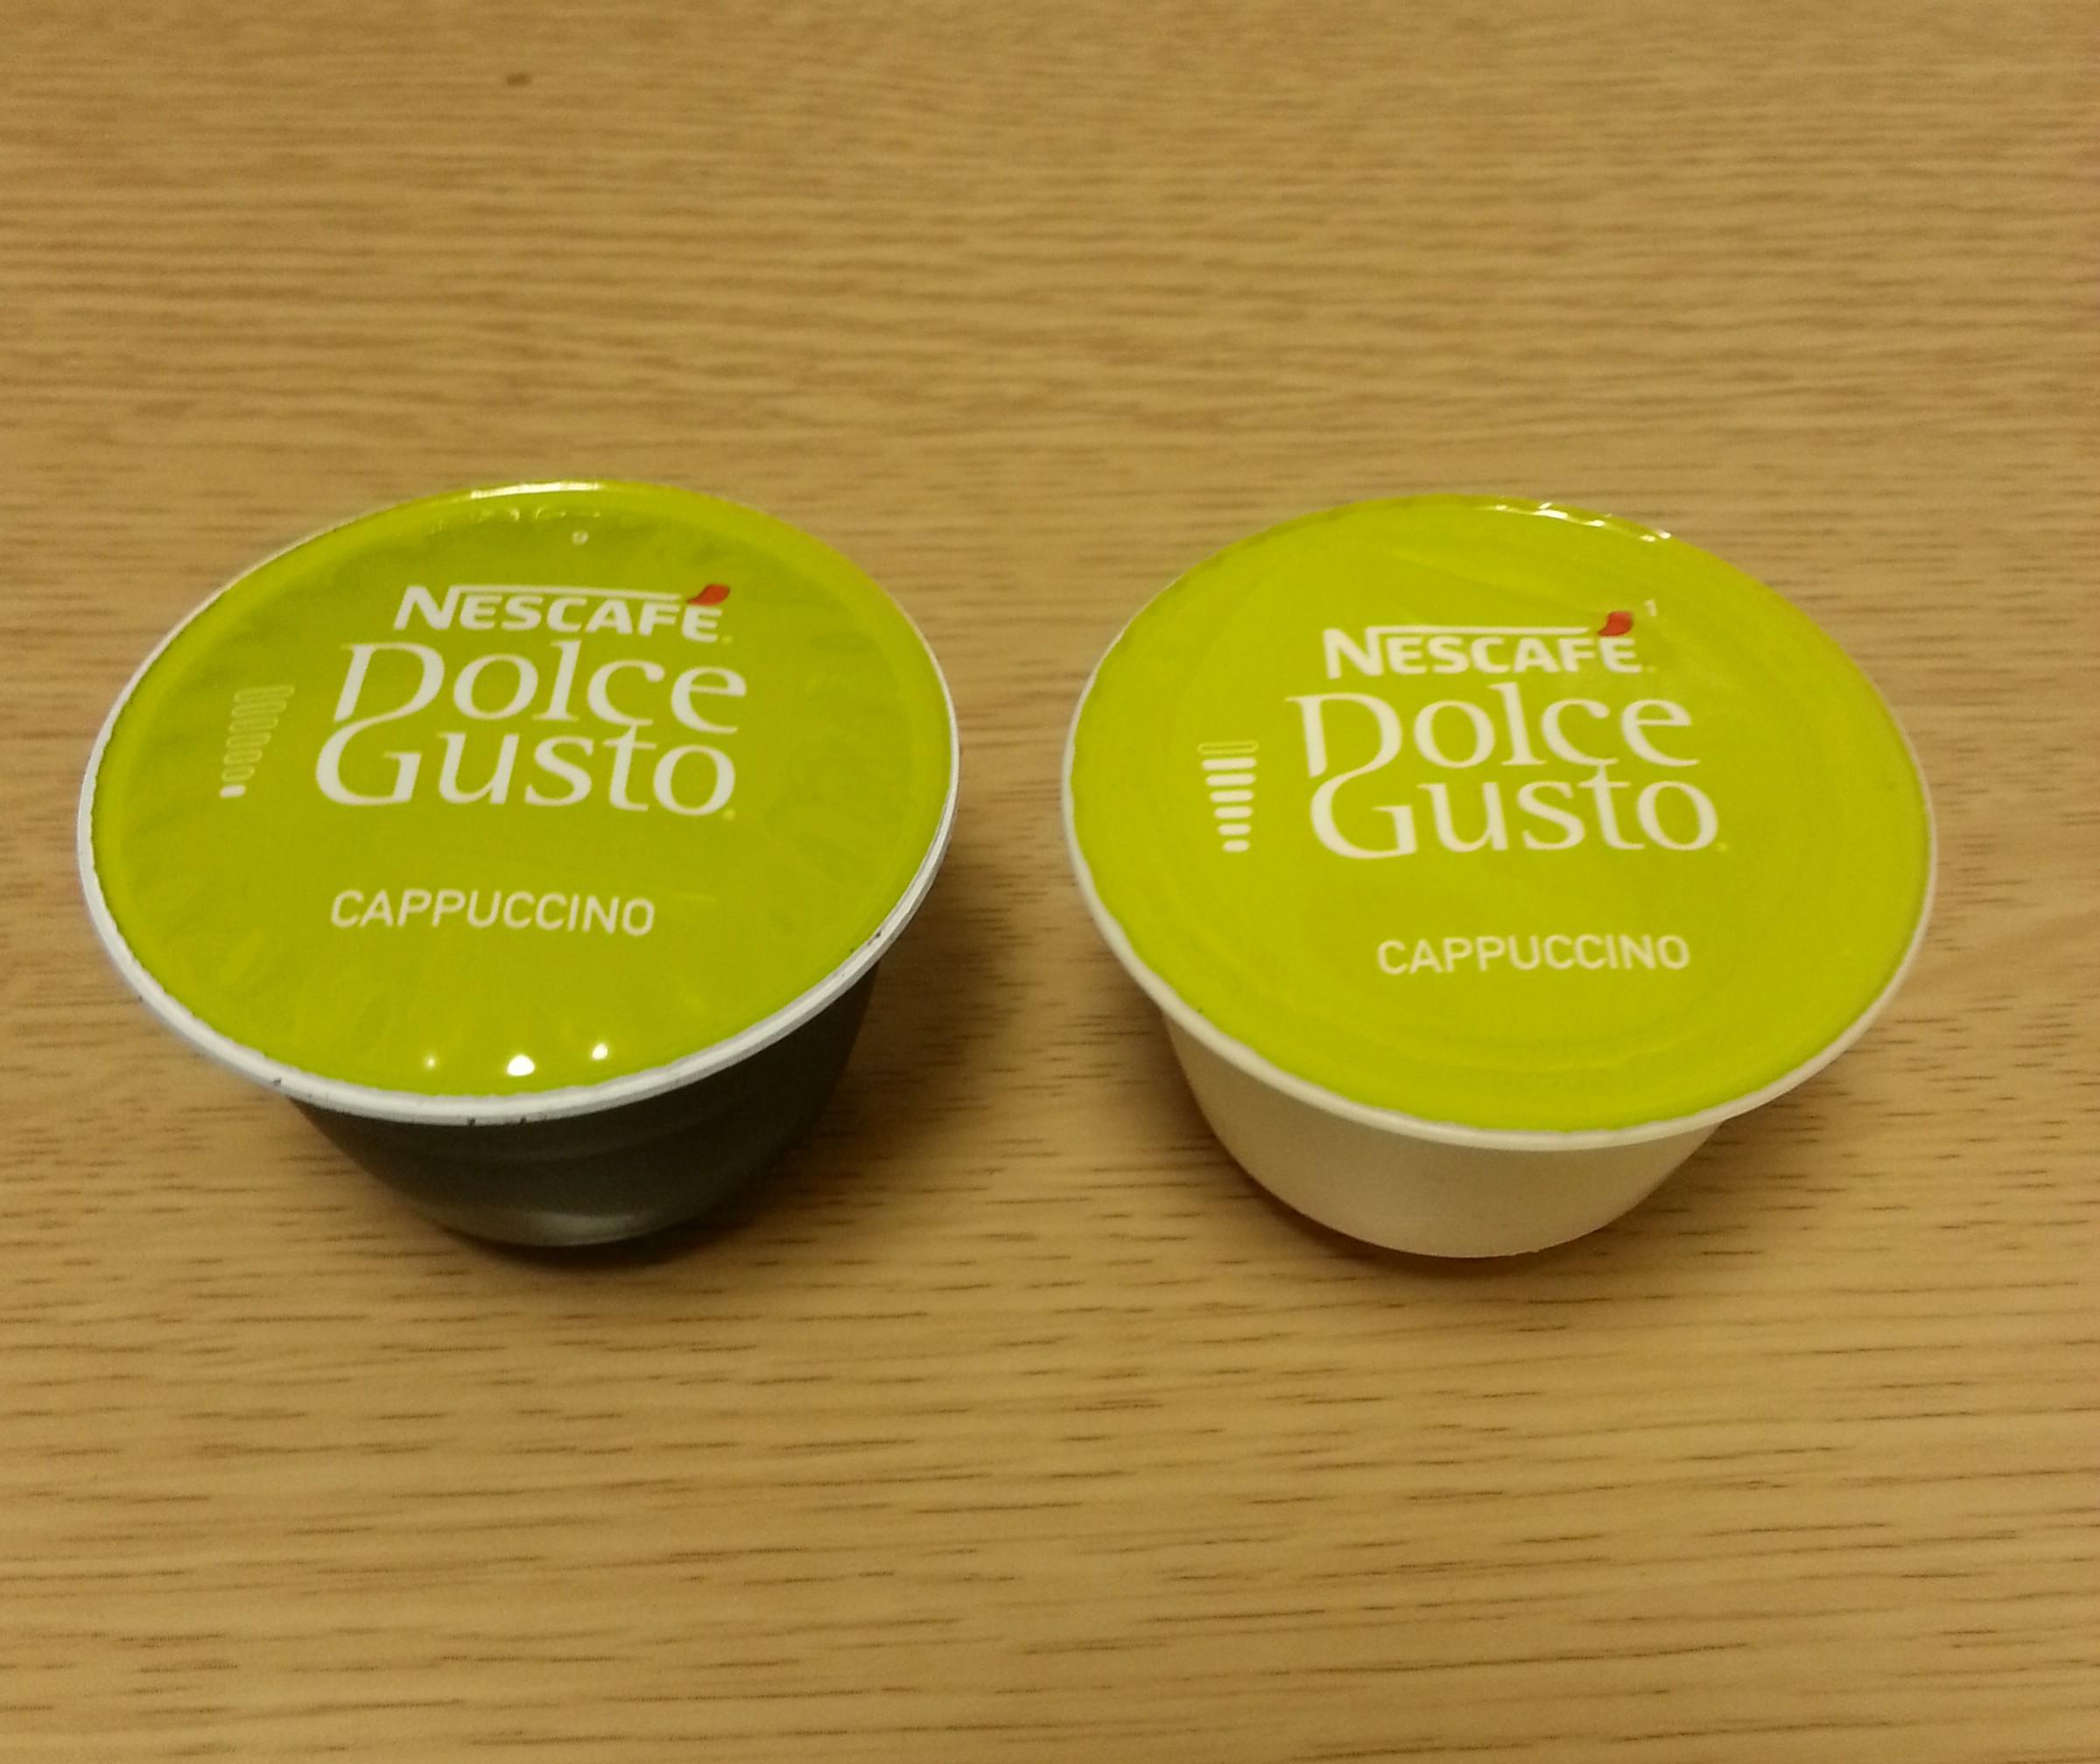 nescafe-dolcegusto-cappuccino1